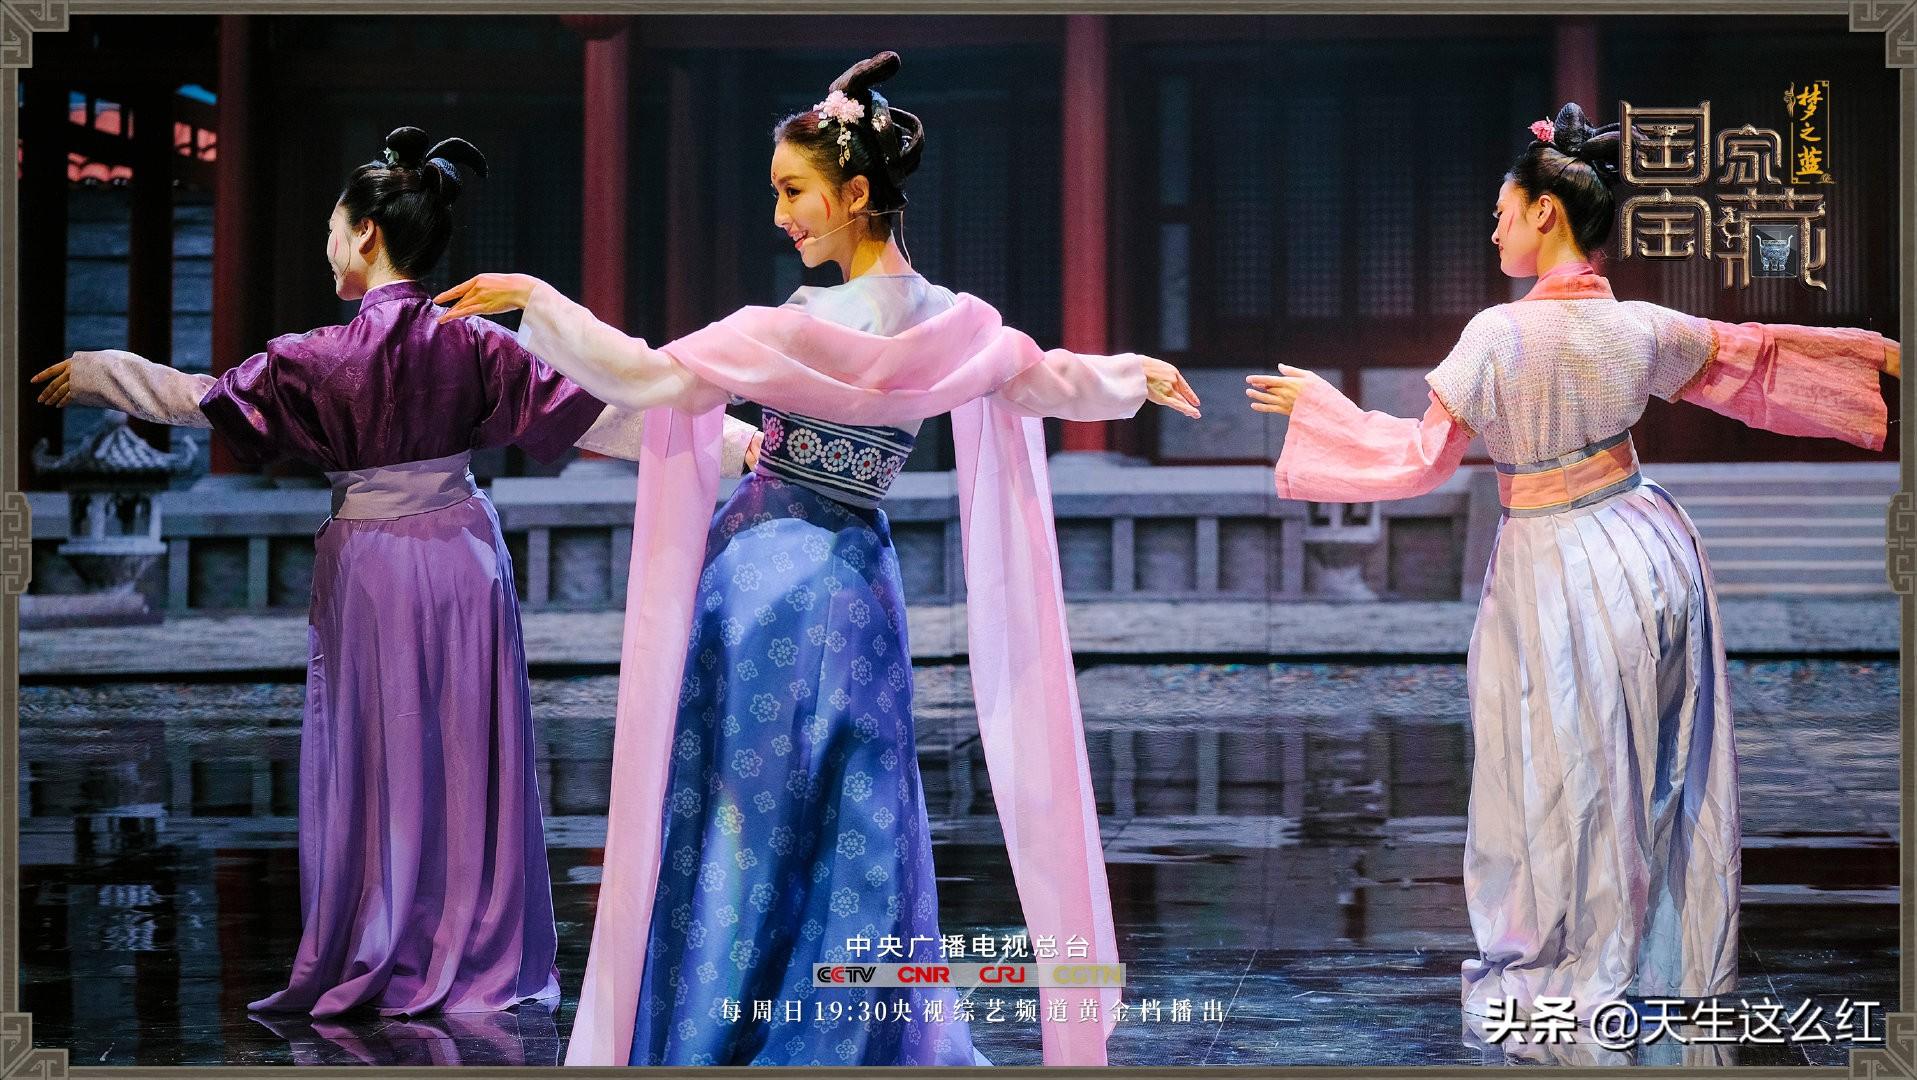 被湖南卫视这档综艺惊艳到!古装剧里的造型何时也能这么讲究?